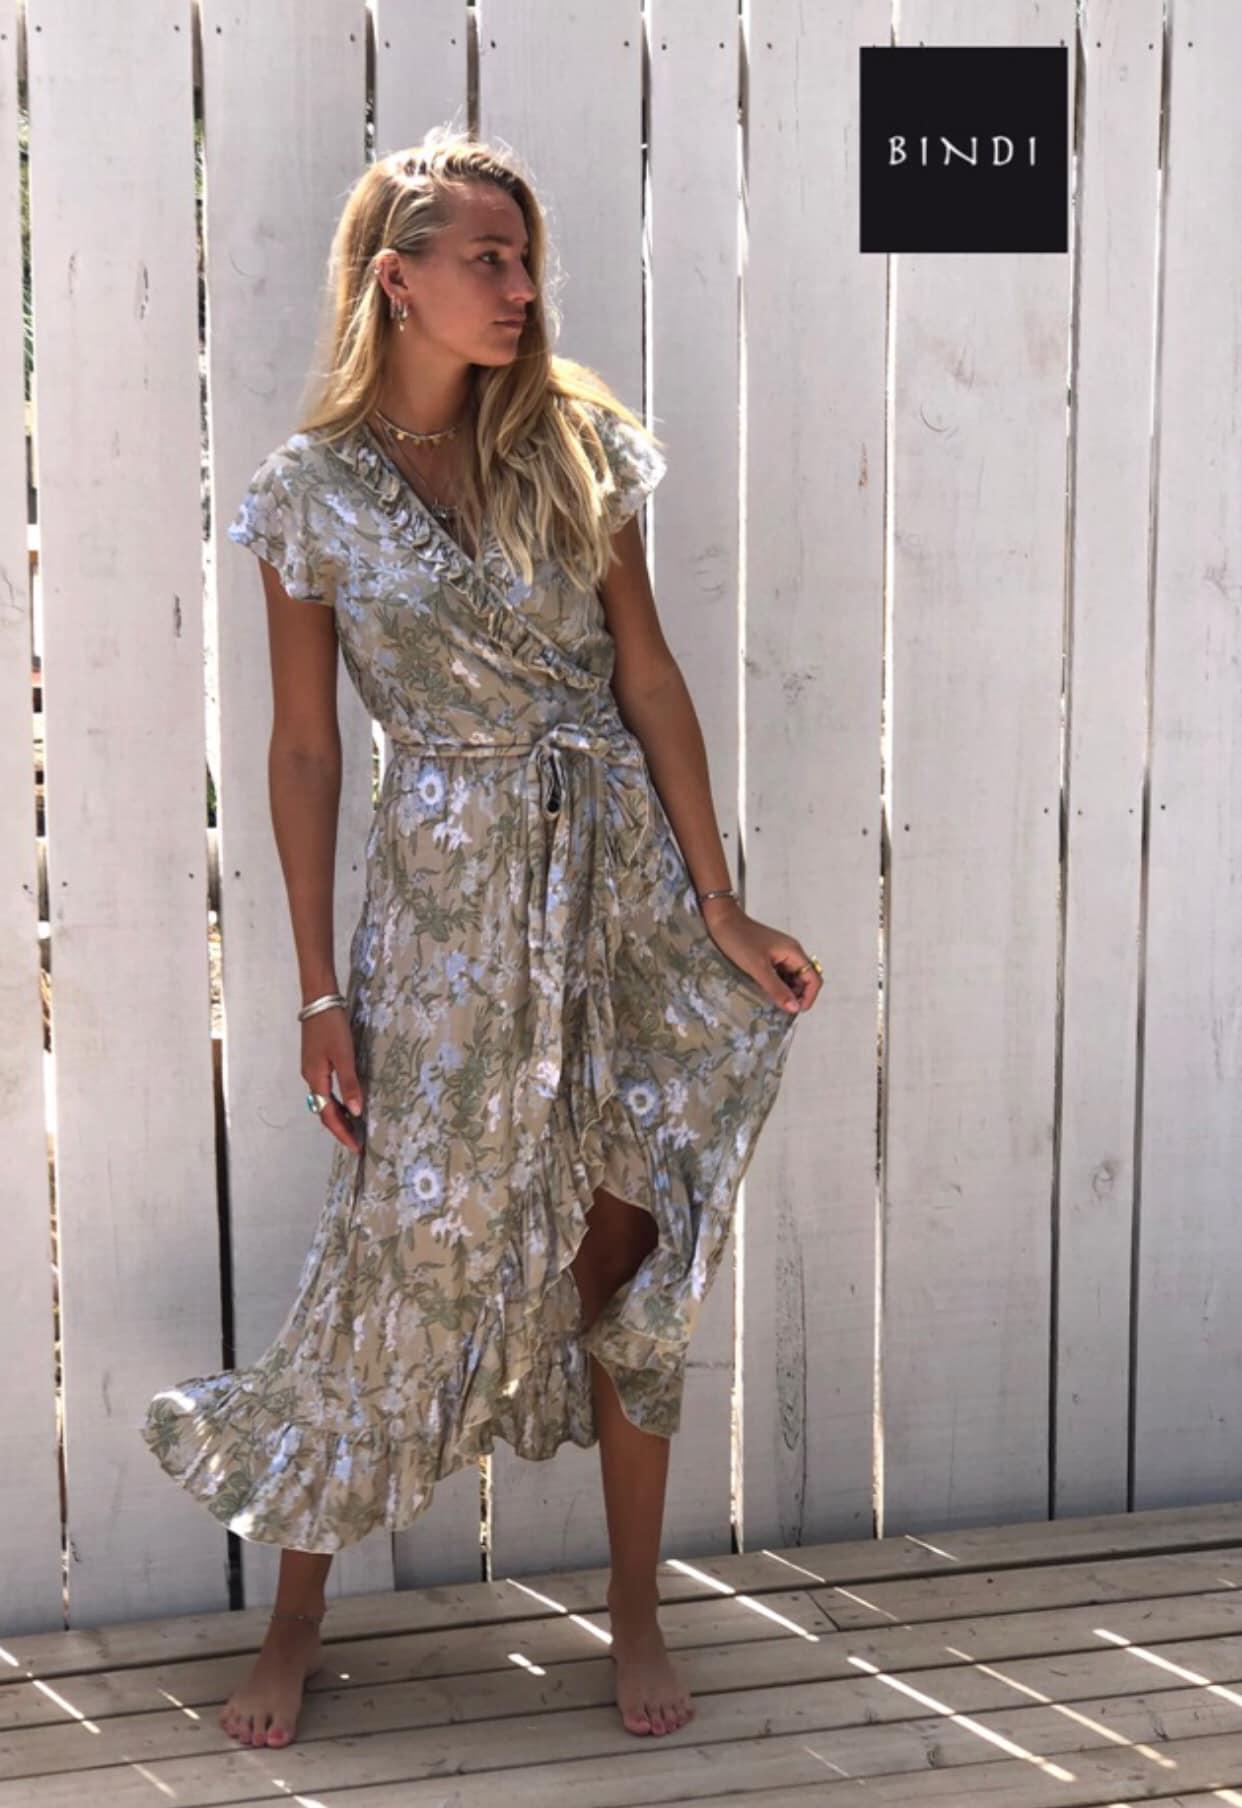 bindi zomer jurk